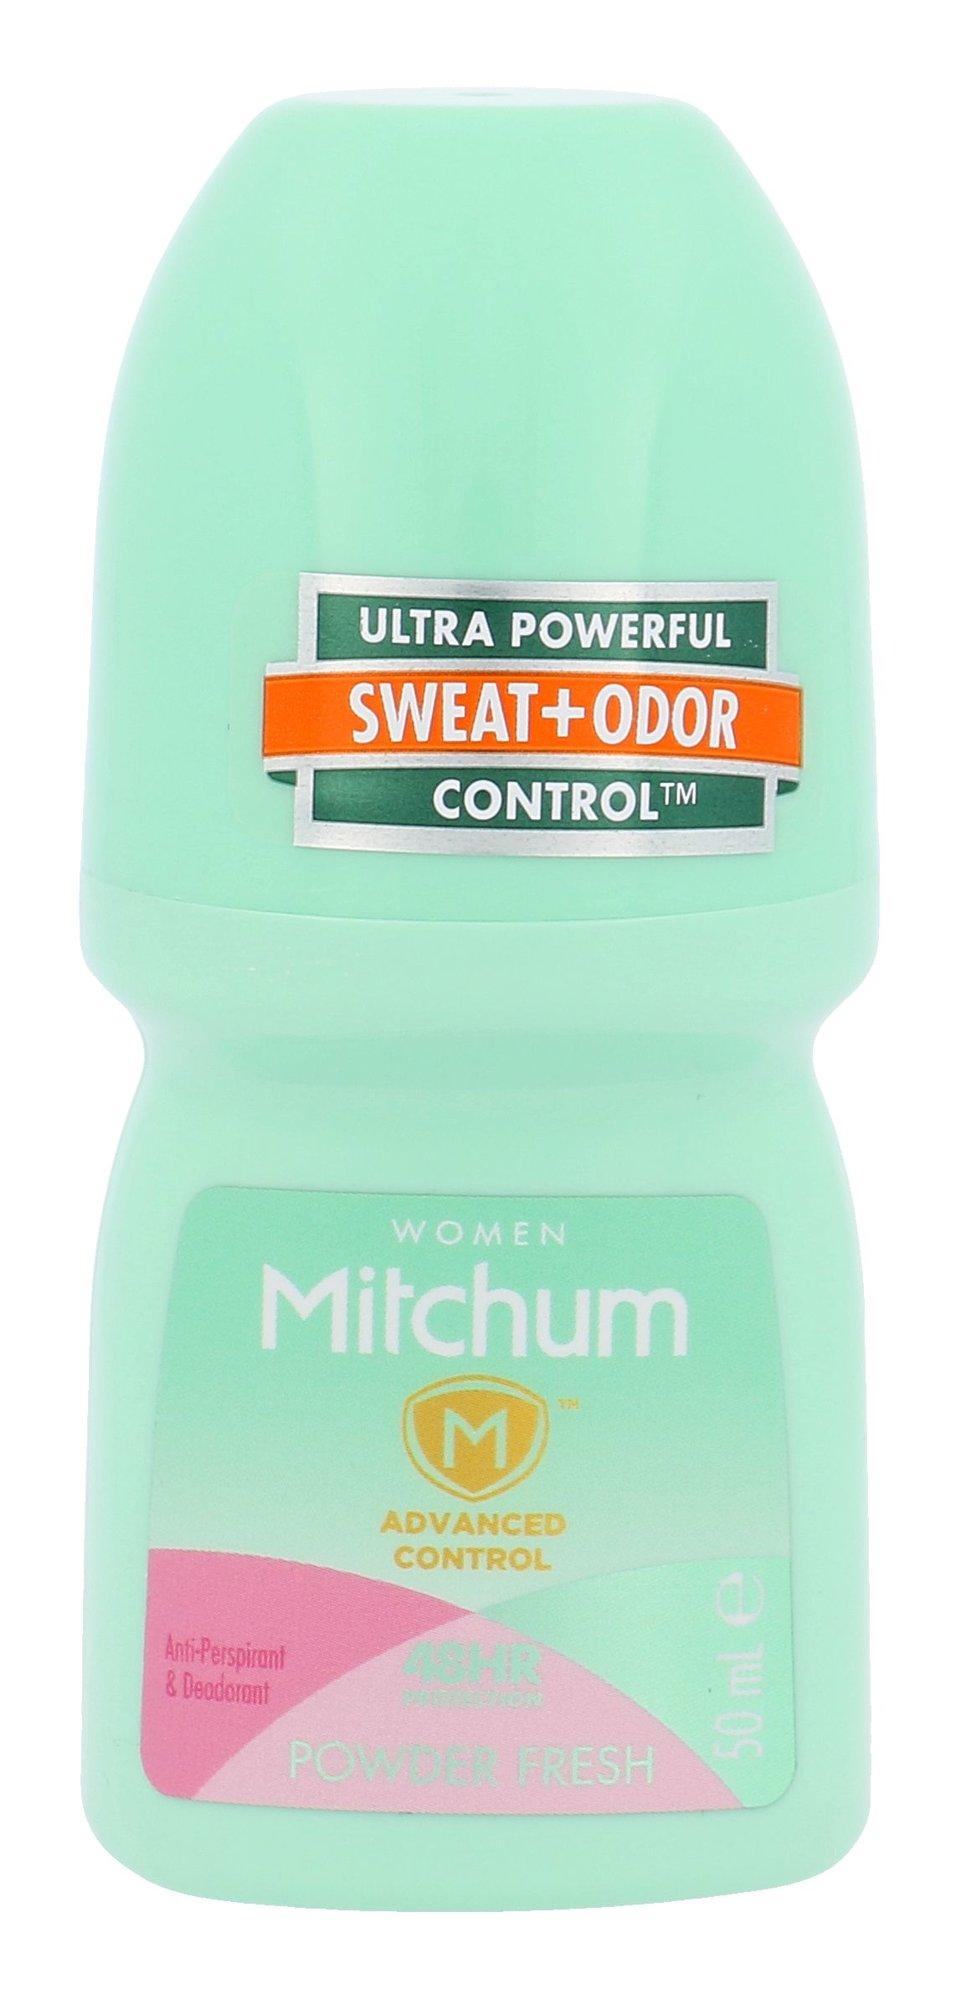 Mitchum Advanced Control Cosmetic 50ml  Powder Fresh